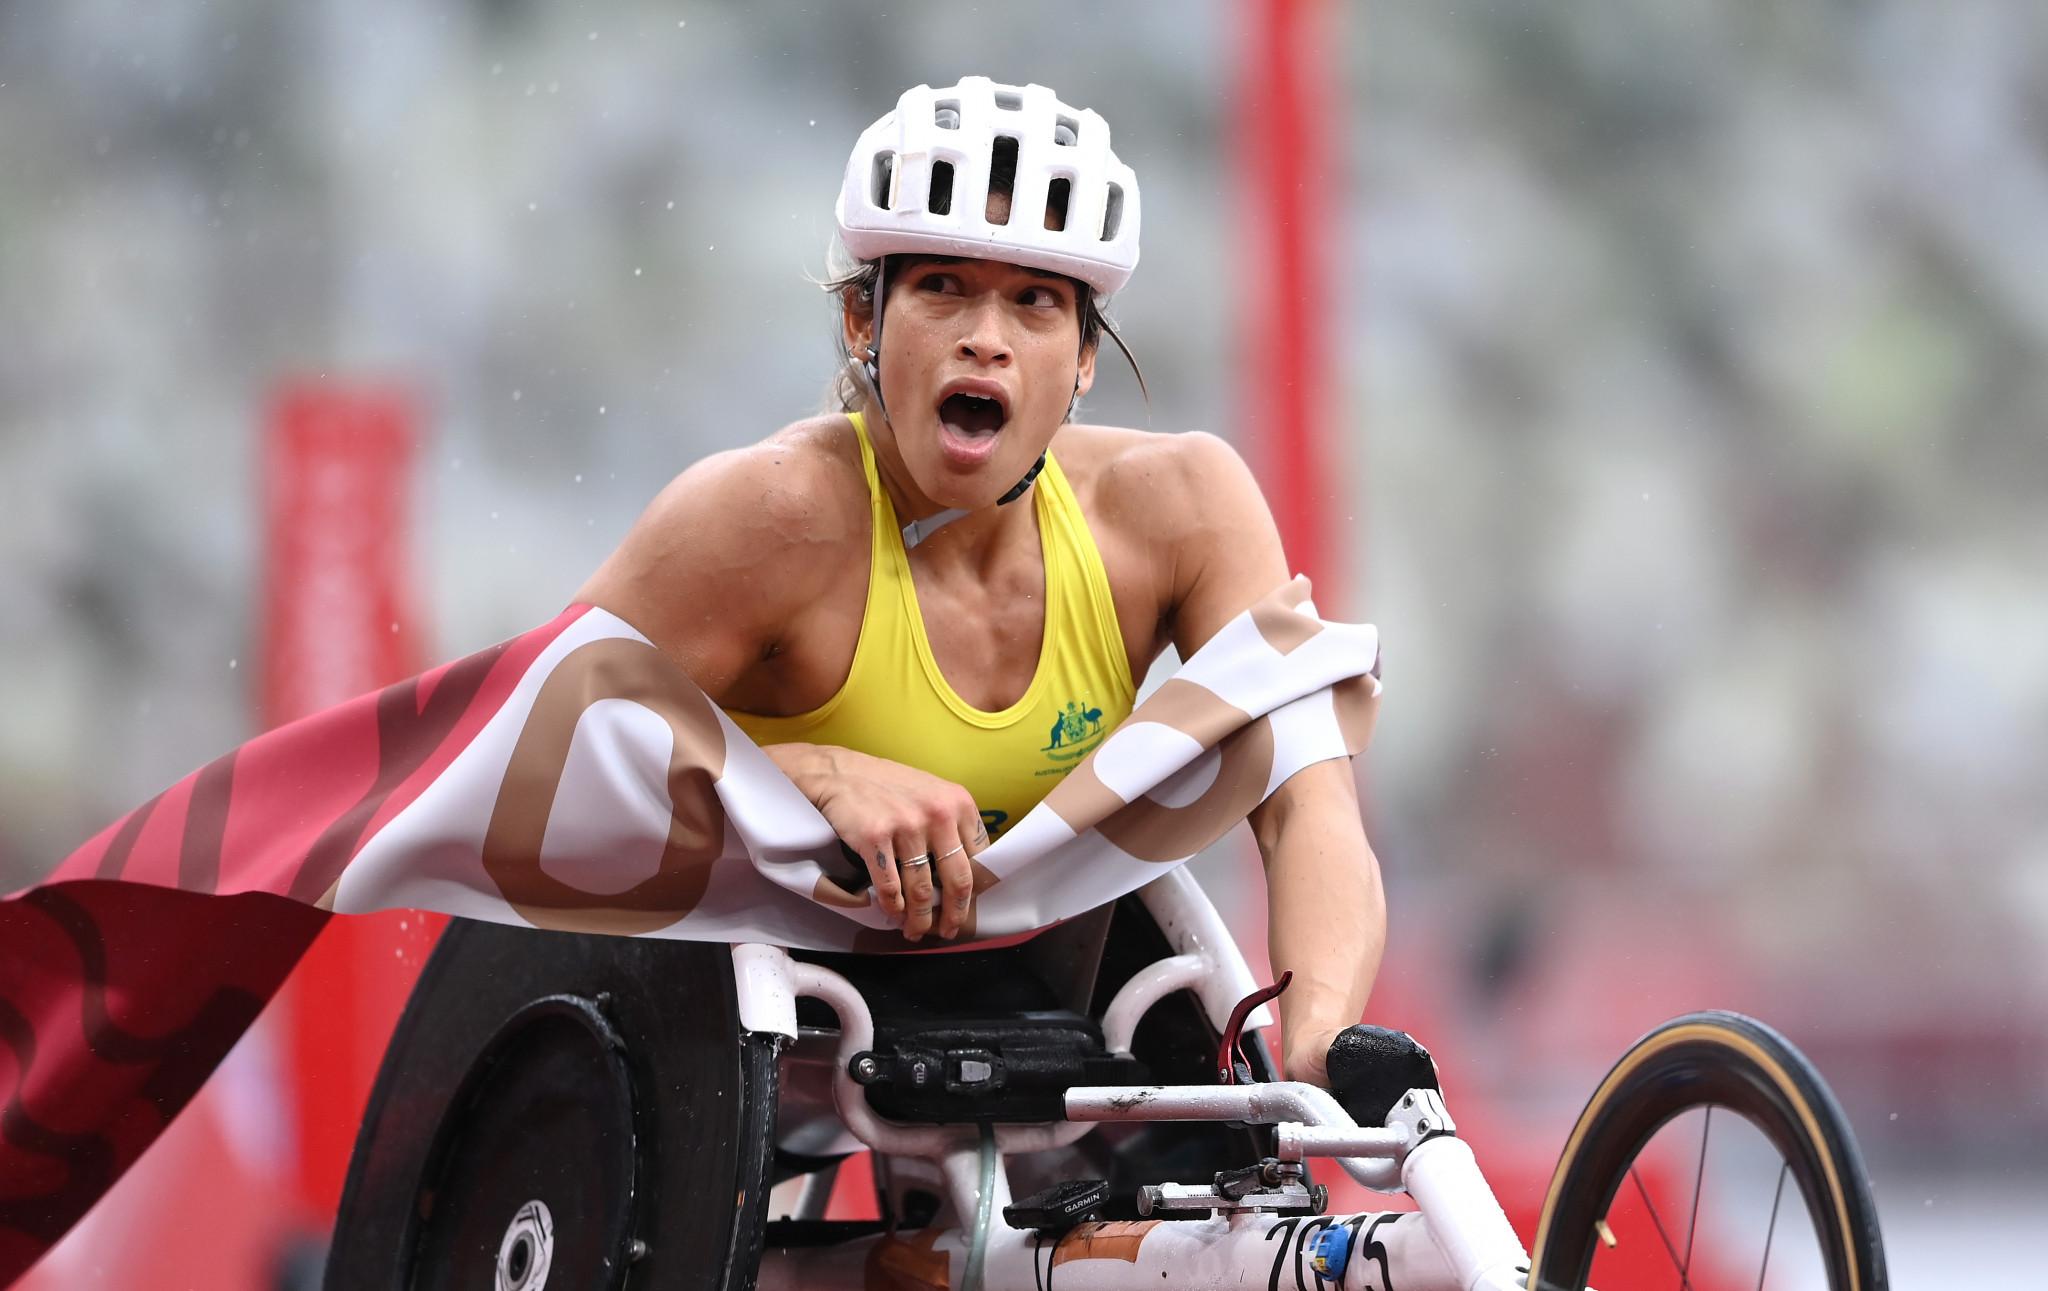 Australia's Madison de Rozario won the women's T54 marathon event ©Getty Images